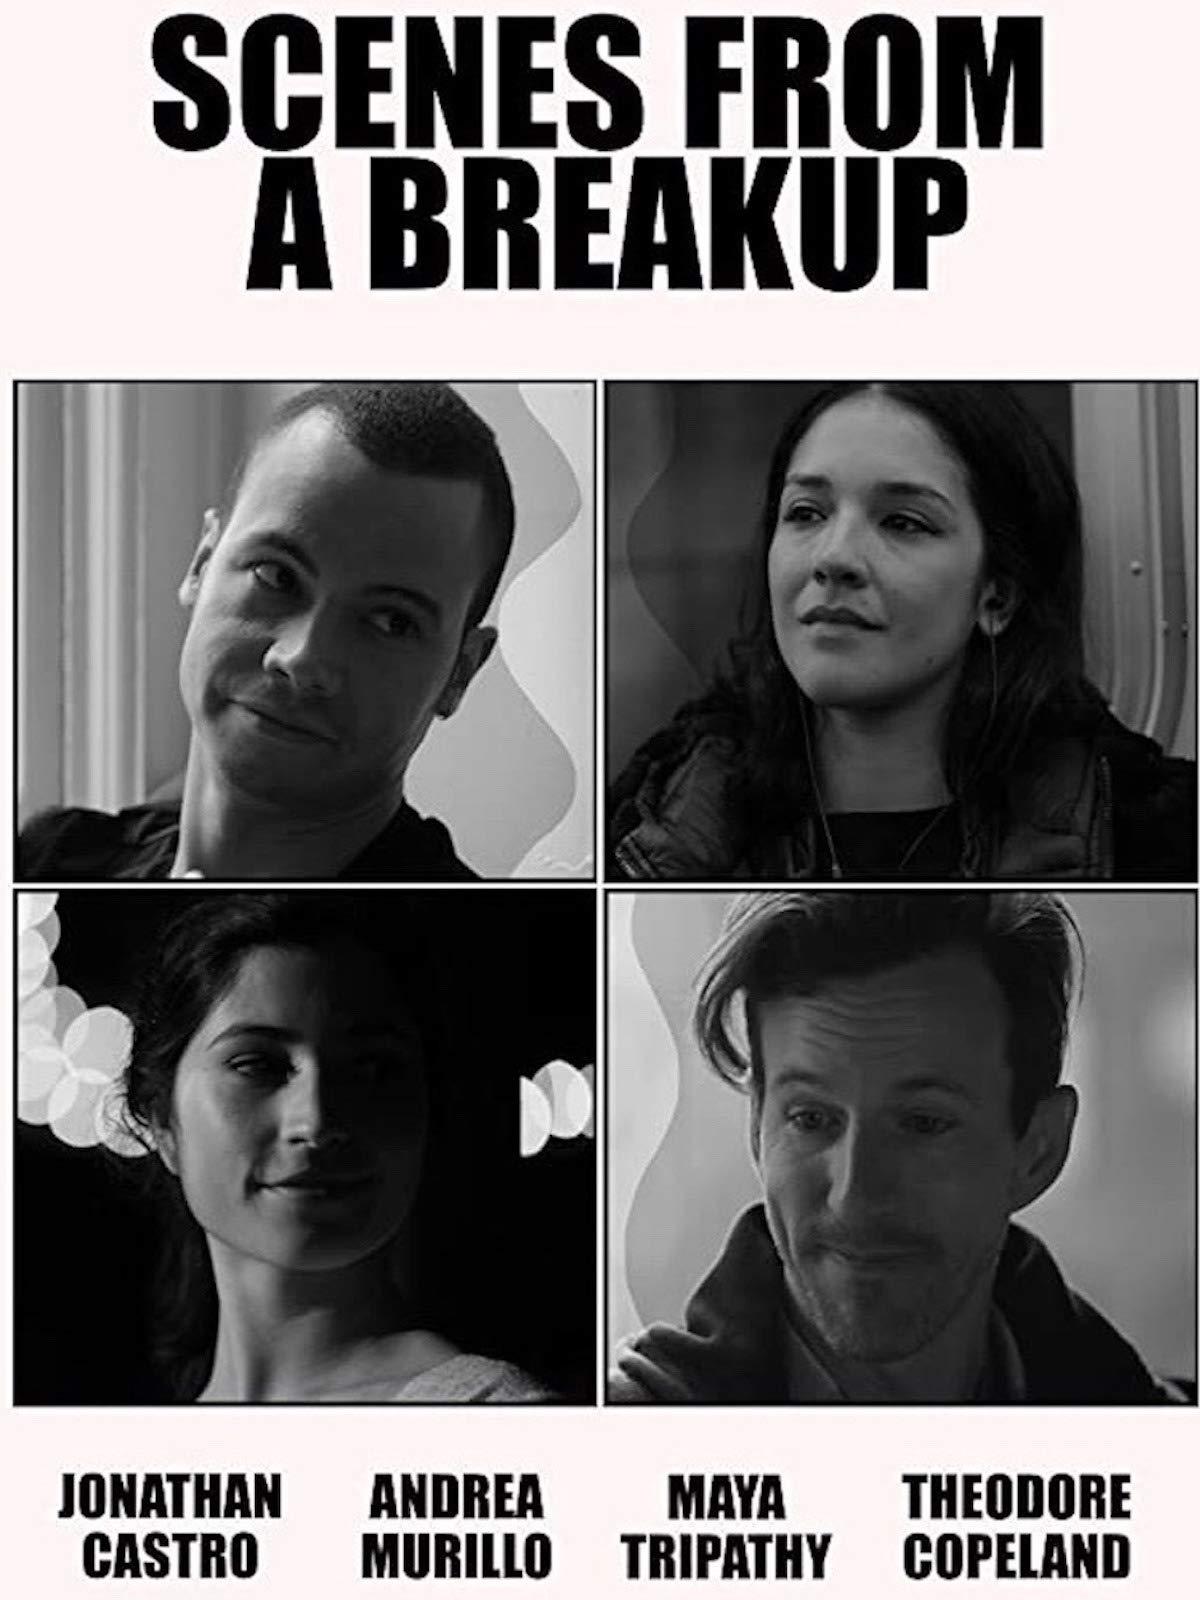 Scenes from a Breakup